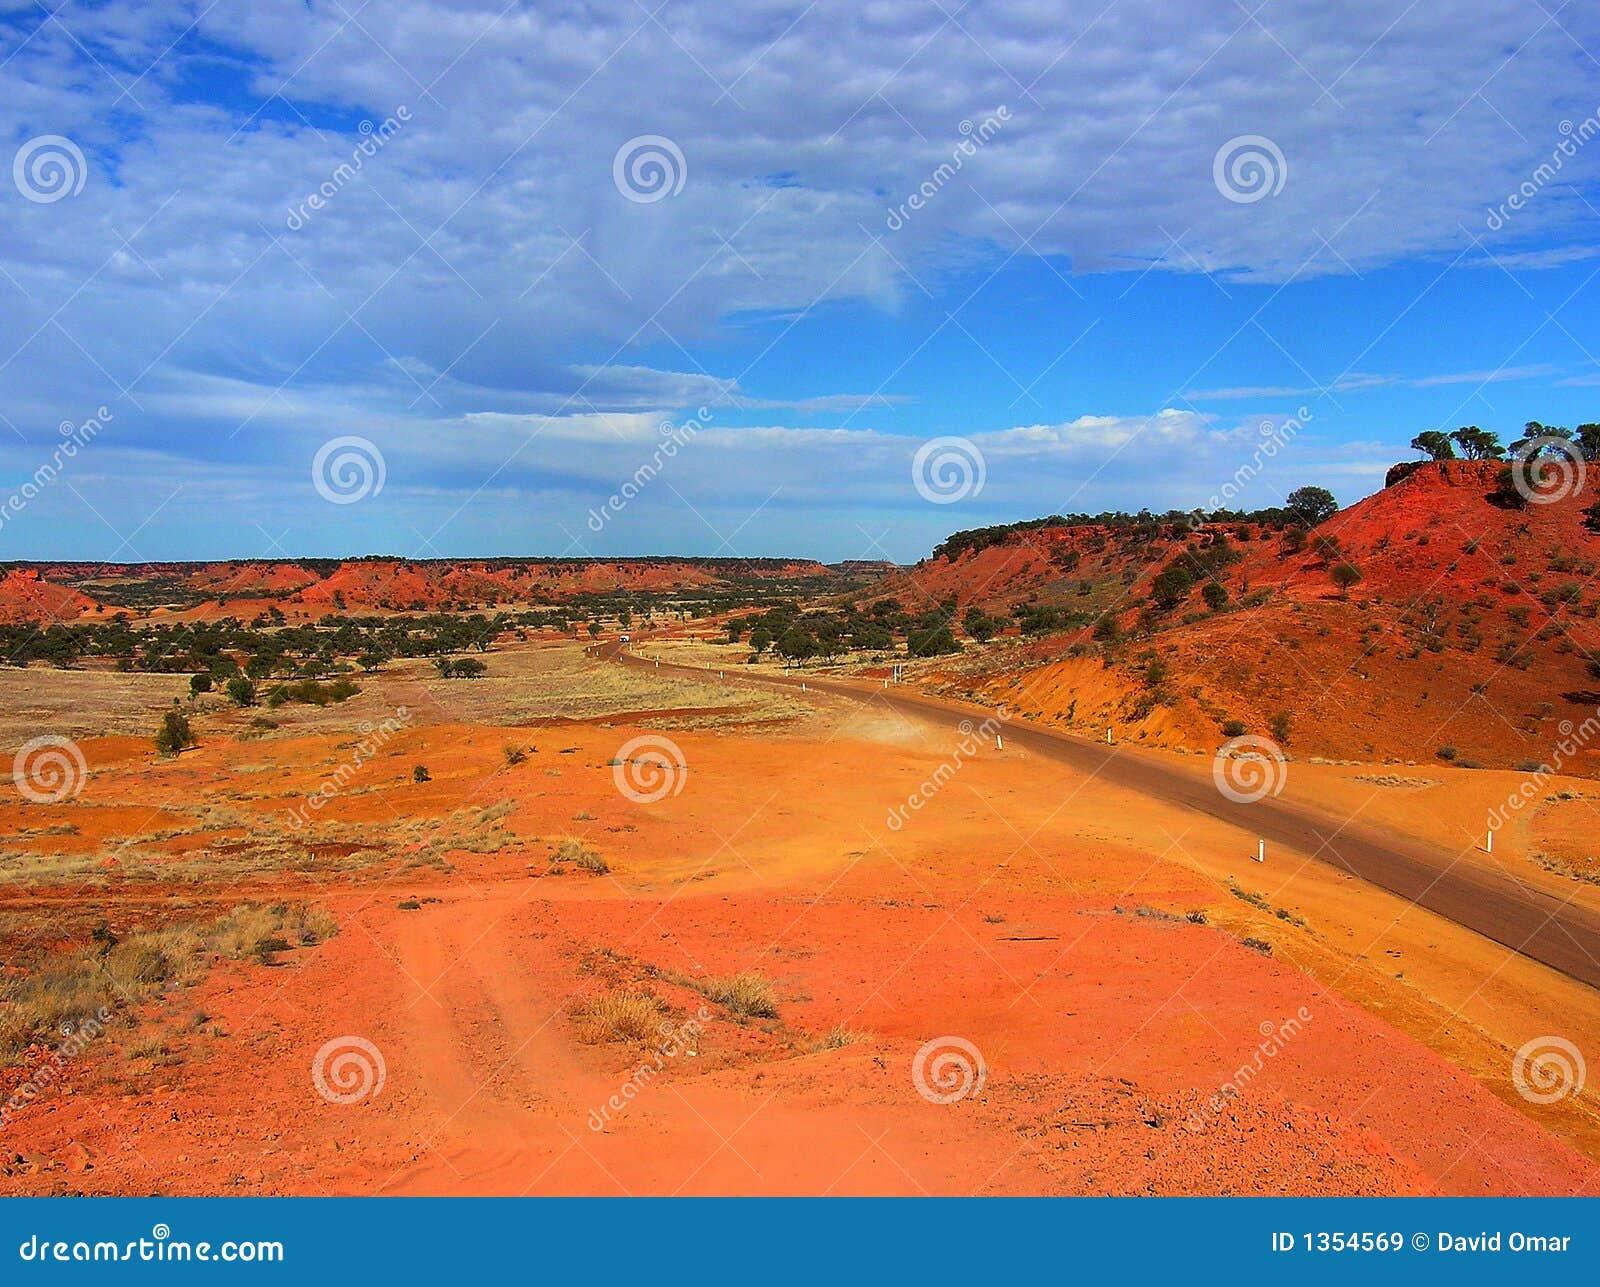 Australian Desert Scene Royalty Free Stock Images Image